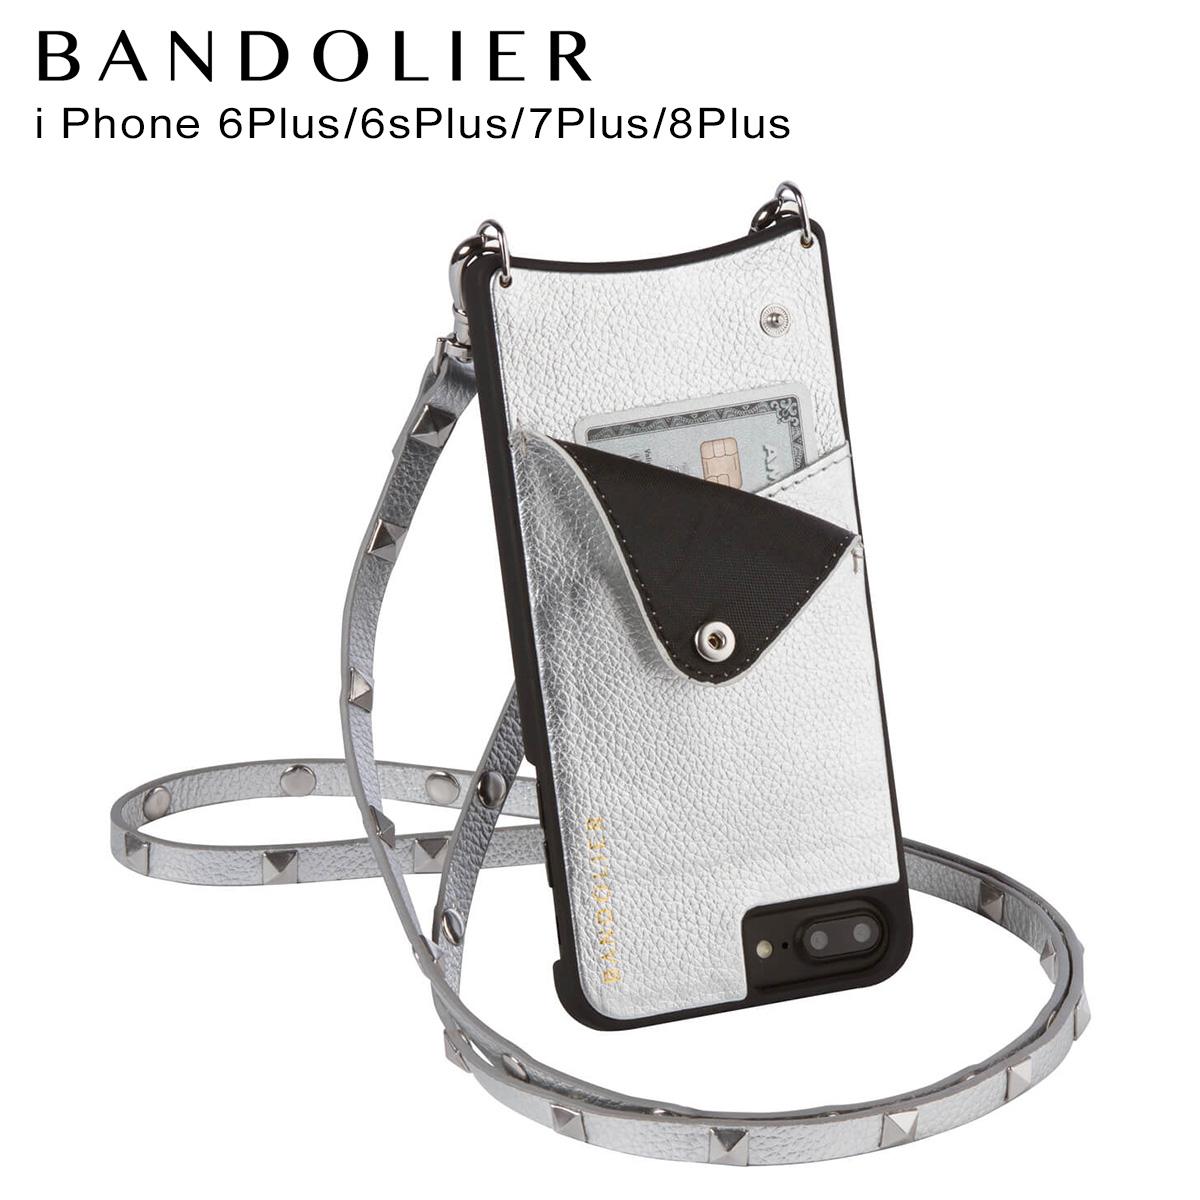 【最大2000円OFFクーポン】 BANDOLIER バンドリヤー iPhone8Plus iPhone7Plus 6sPlus ケース スマホ アイフォン プラス EMMA BLUSH メンズ レディース